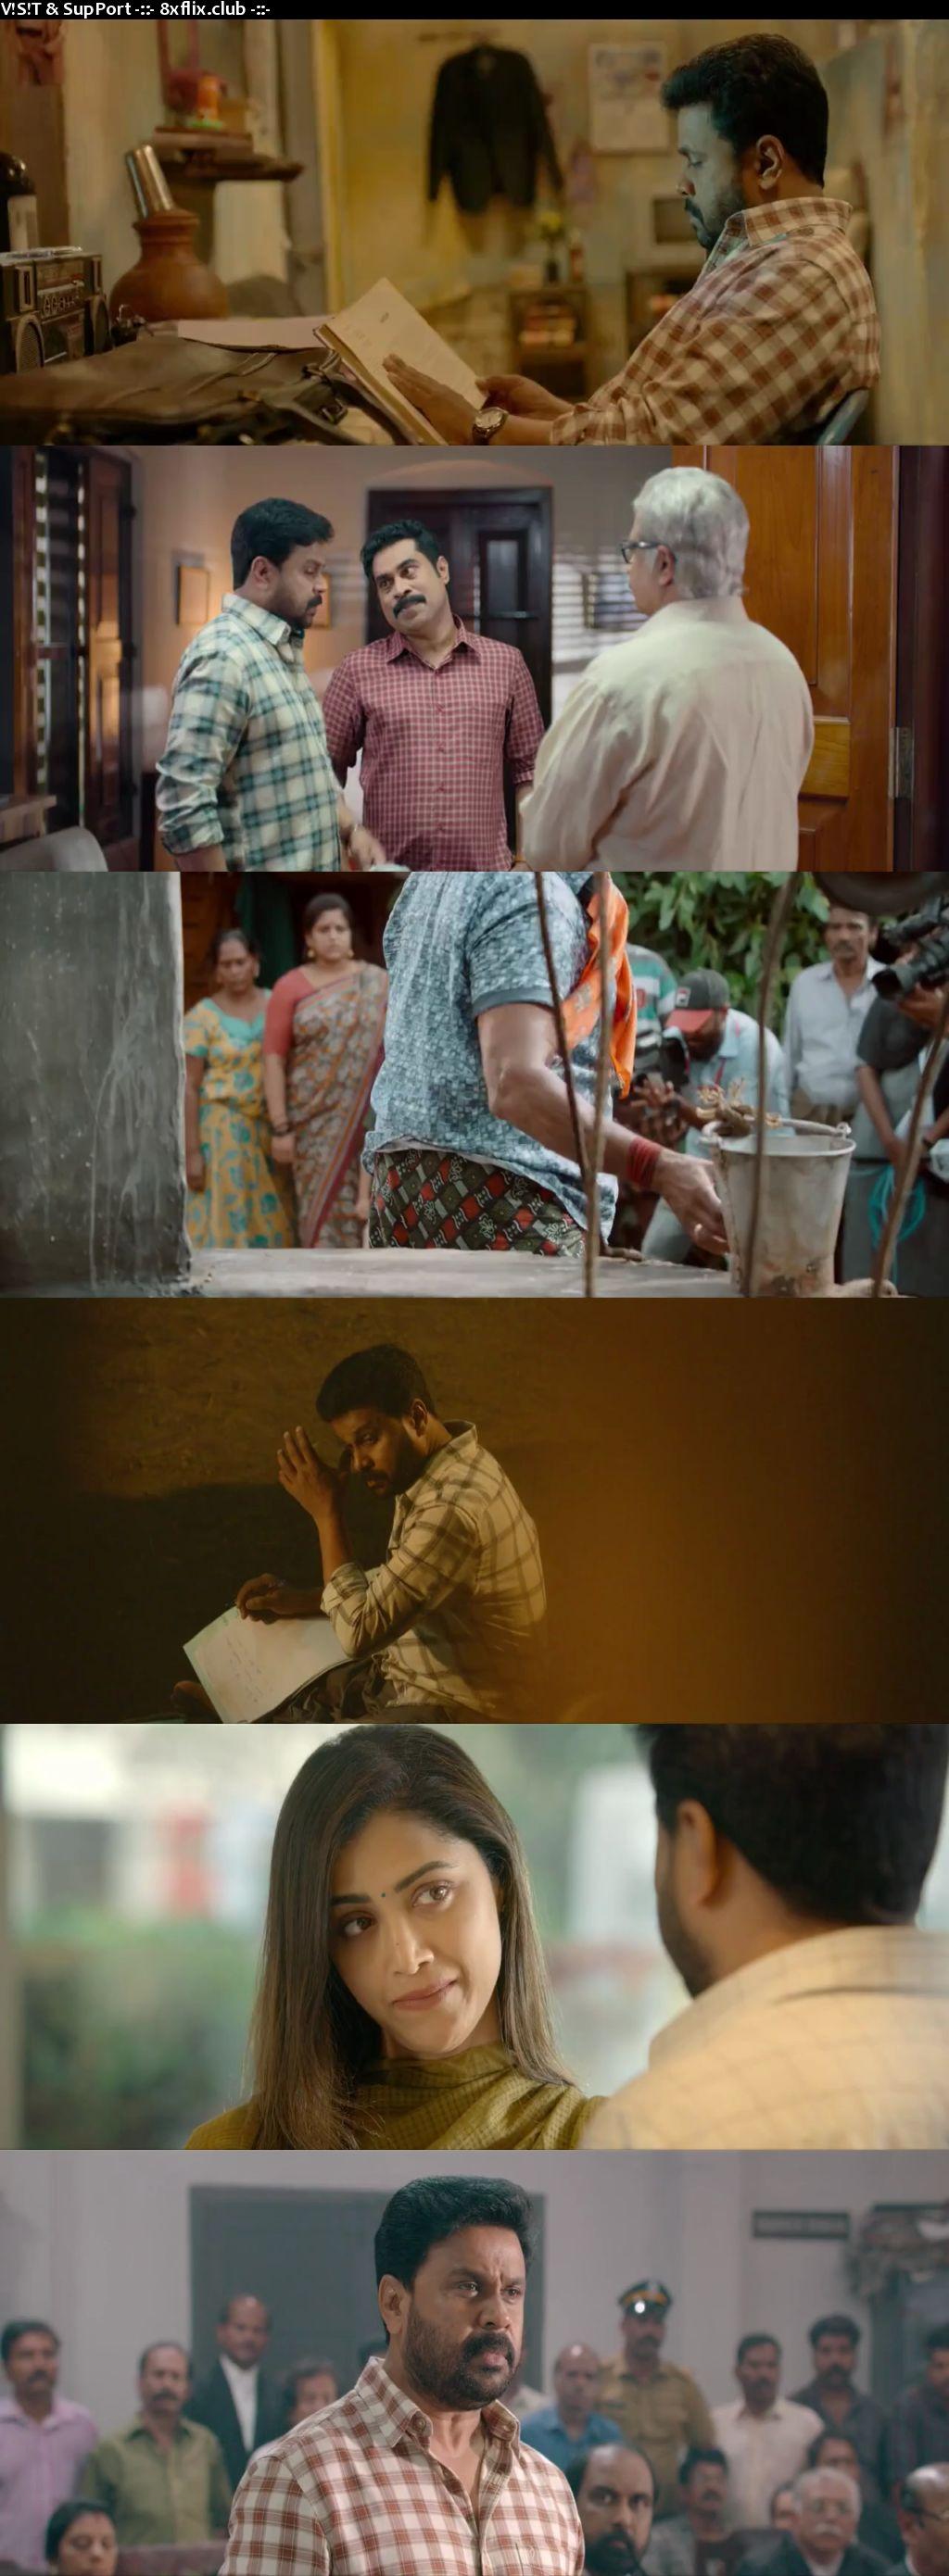 Kodathi Samaksham Balan Vakeel 2019 Hindi Malayalam Dual Audio 720p 480p UNCUT HDRip